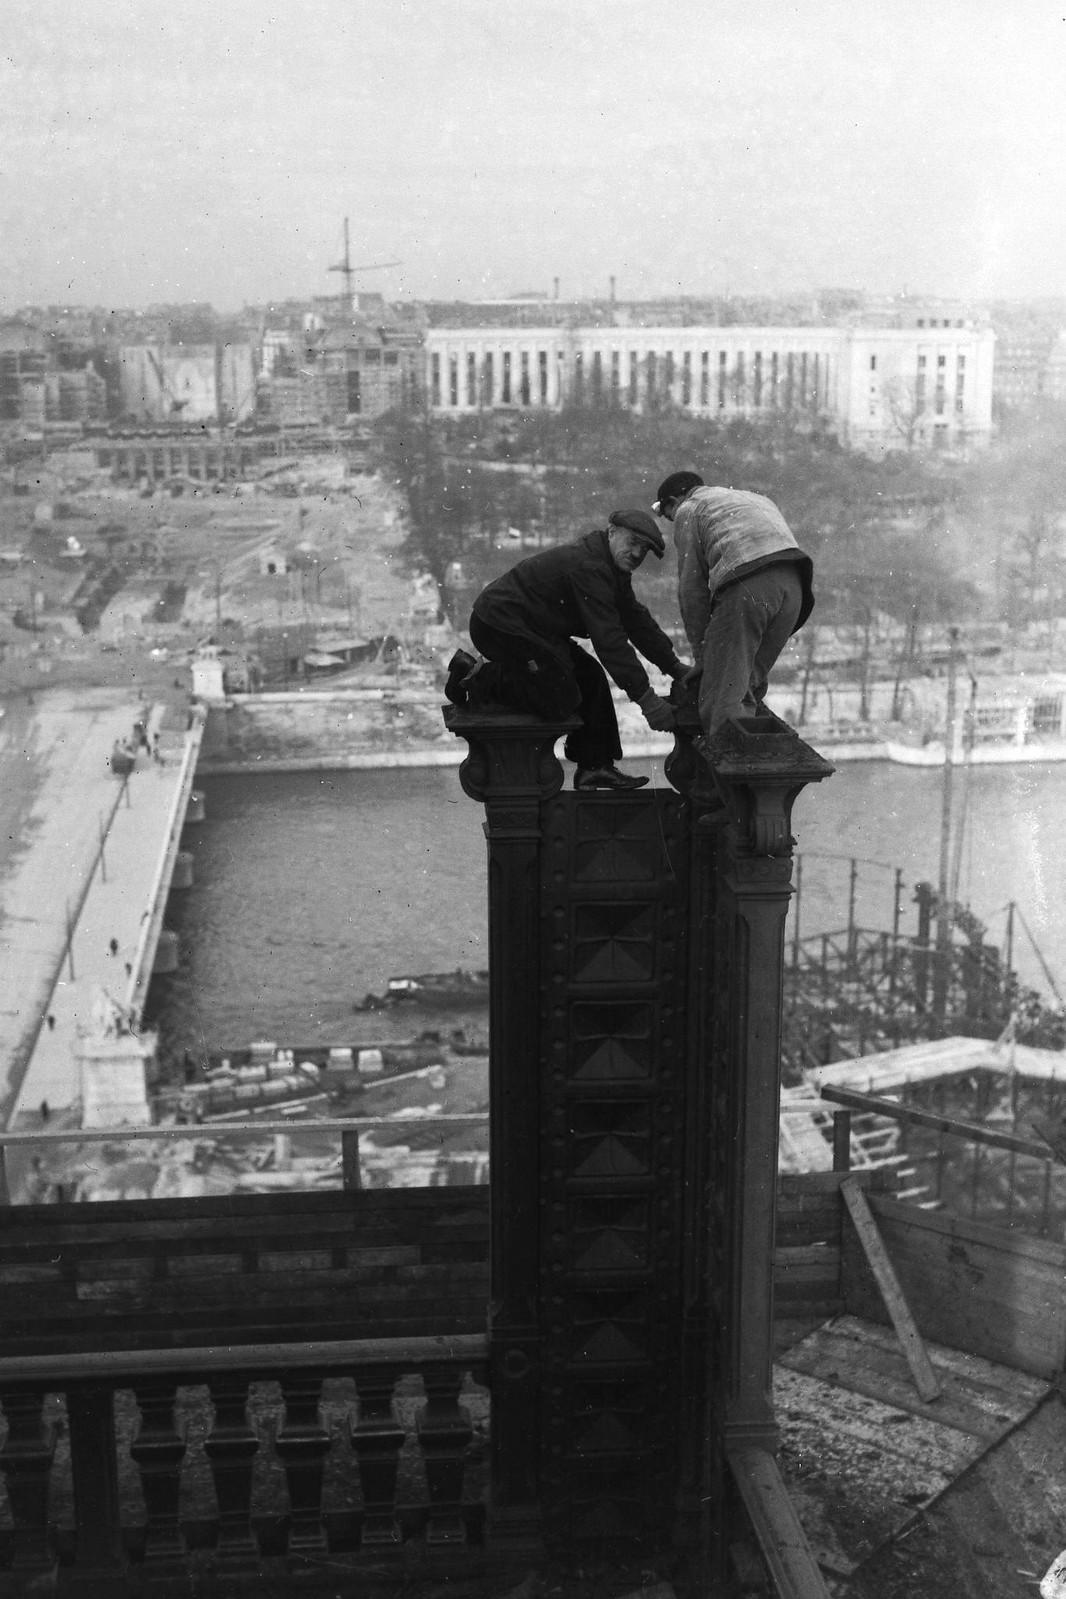 07. 1936. Рабочие на вершине колонны во время модернизации первого этажа Эйфелевой башни для Всемирной выставки 1937 года, 14 декабря